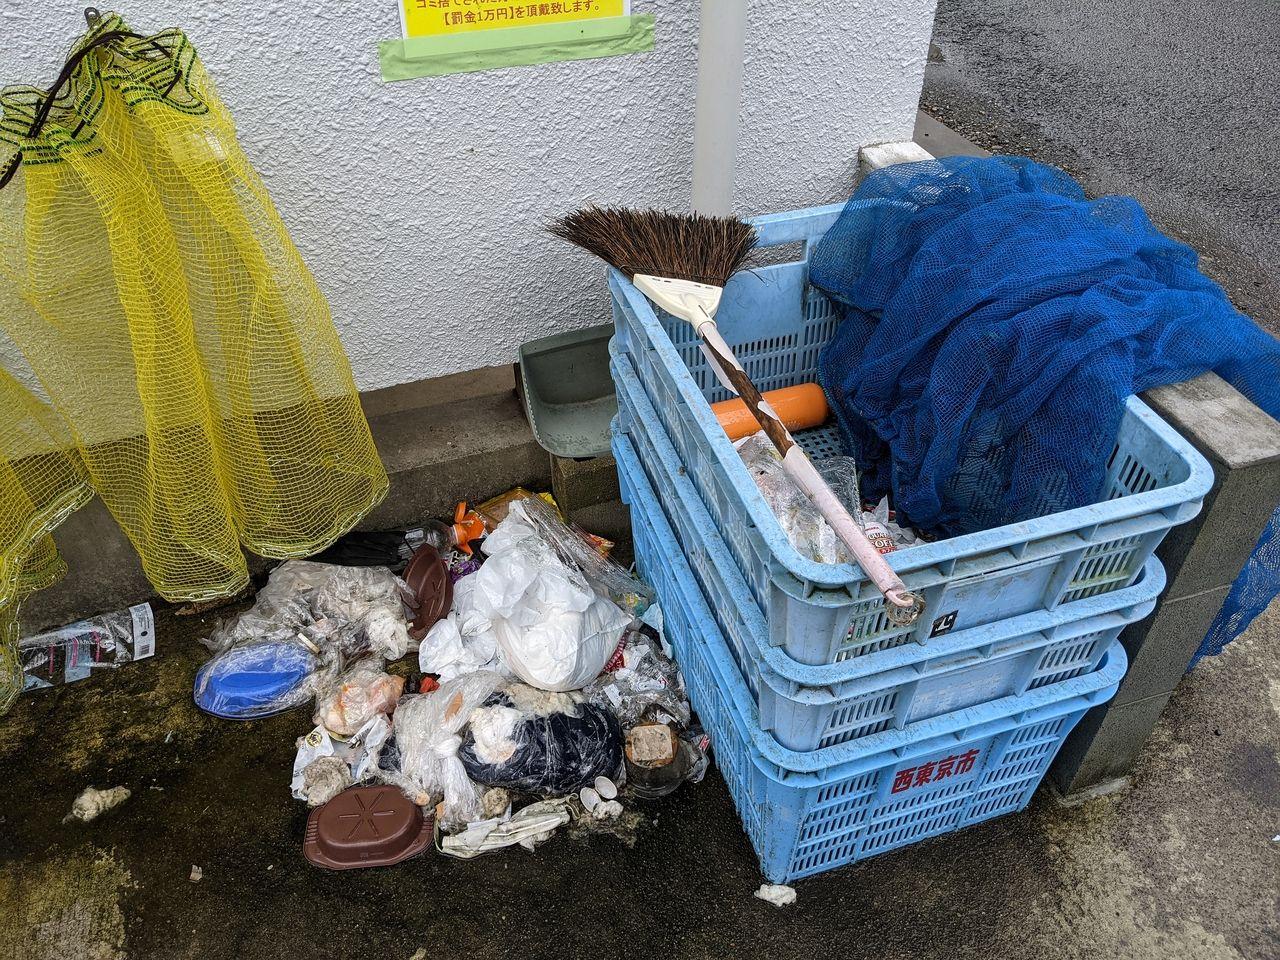 カゴの中にも不法投棄ゴミとカラスに荒らされたゴミ